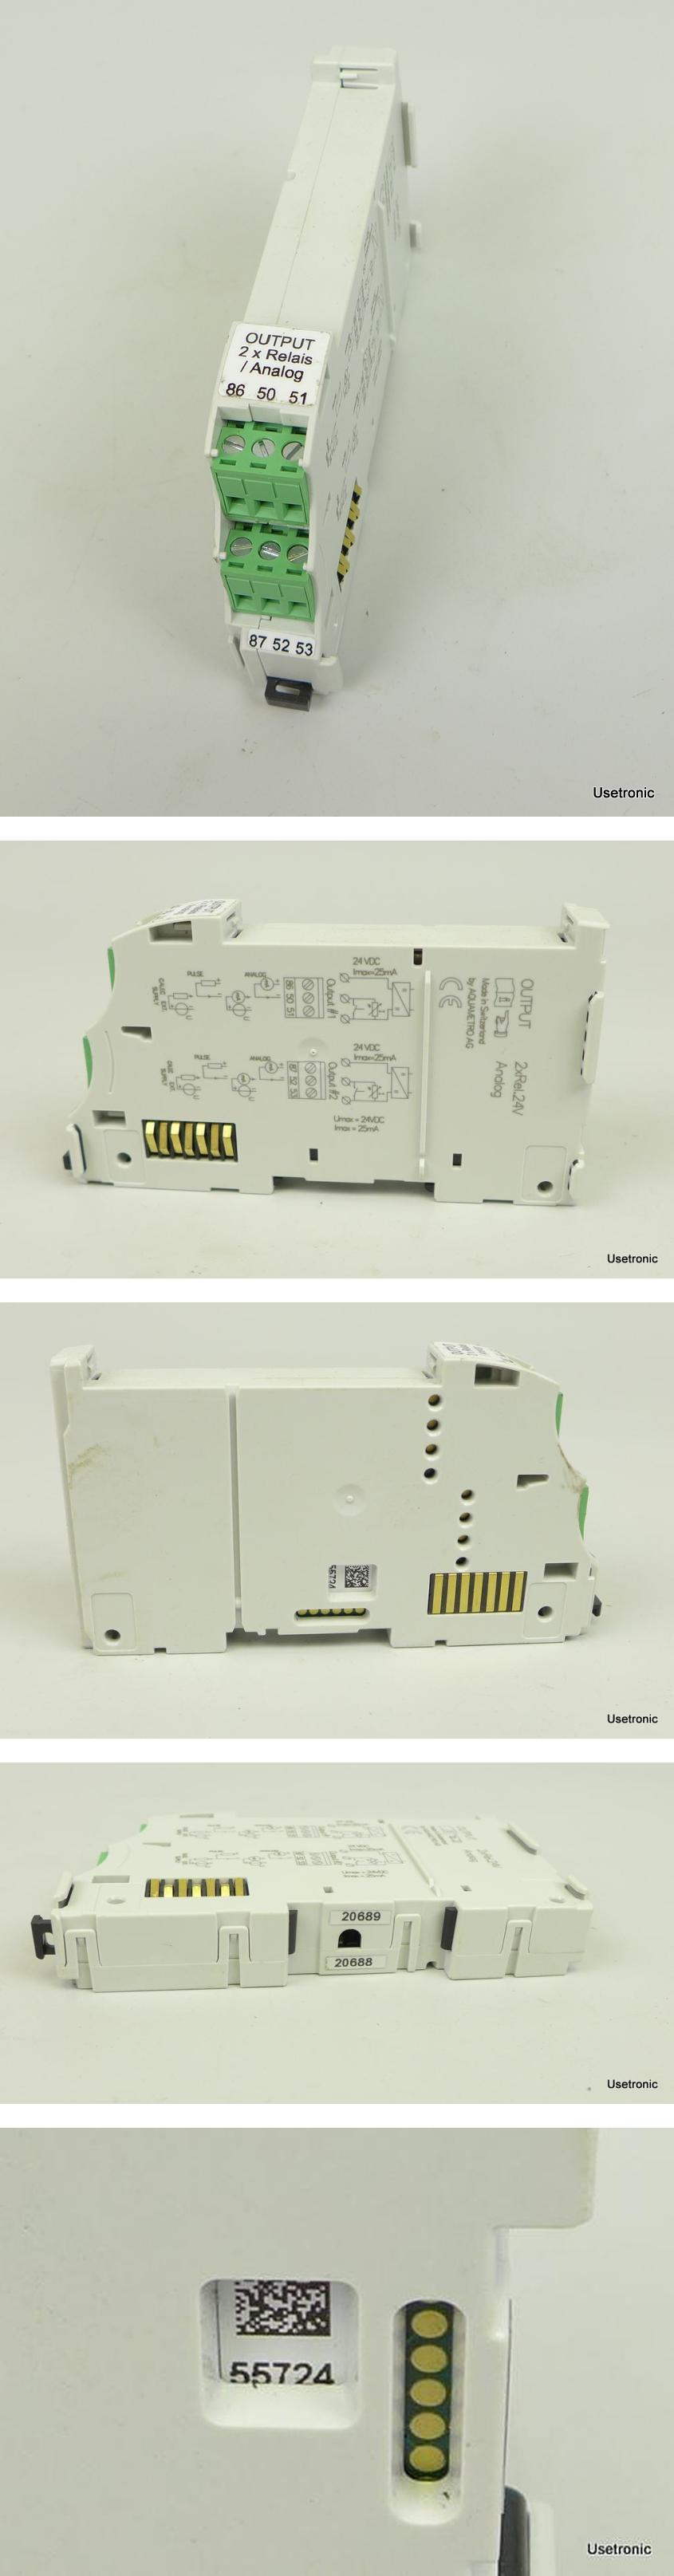 Aquametro Output 2x Relais Analog